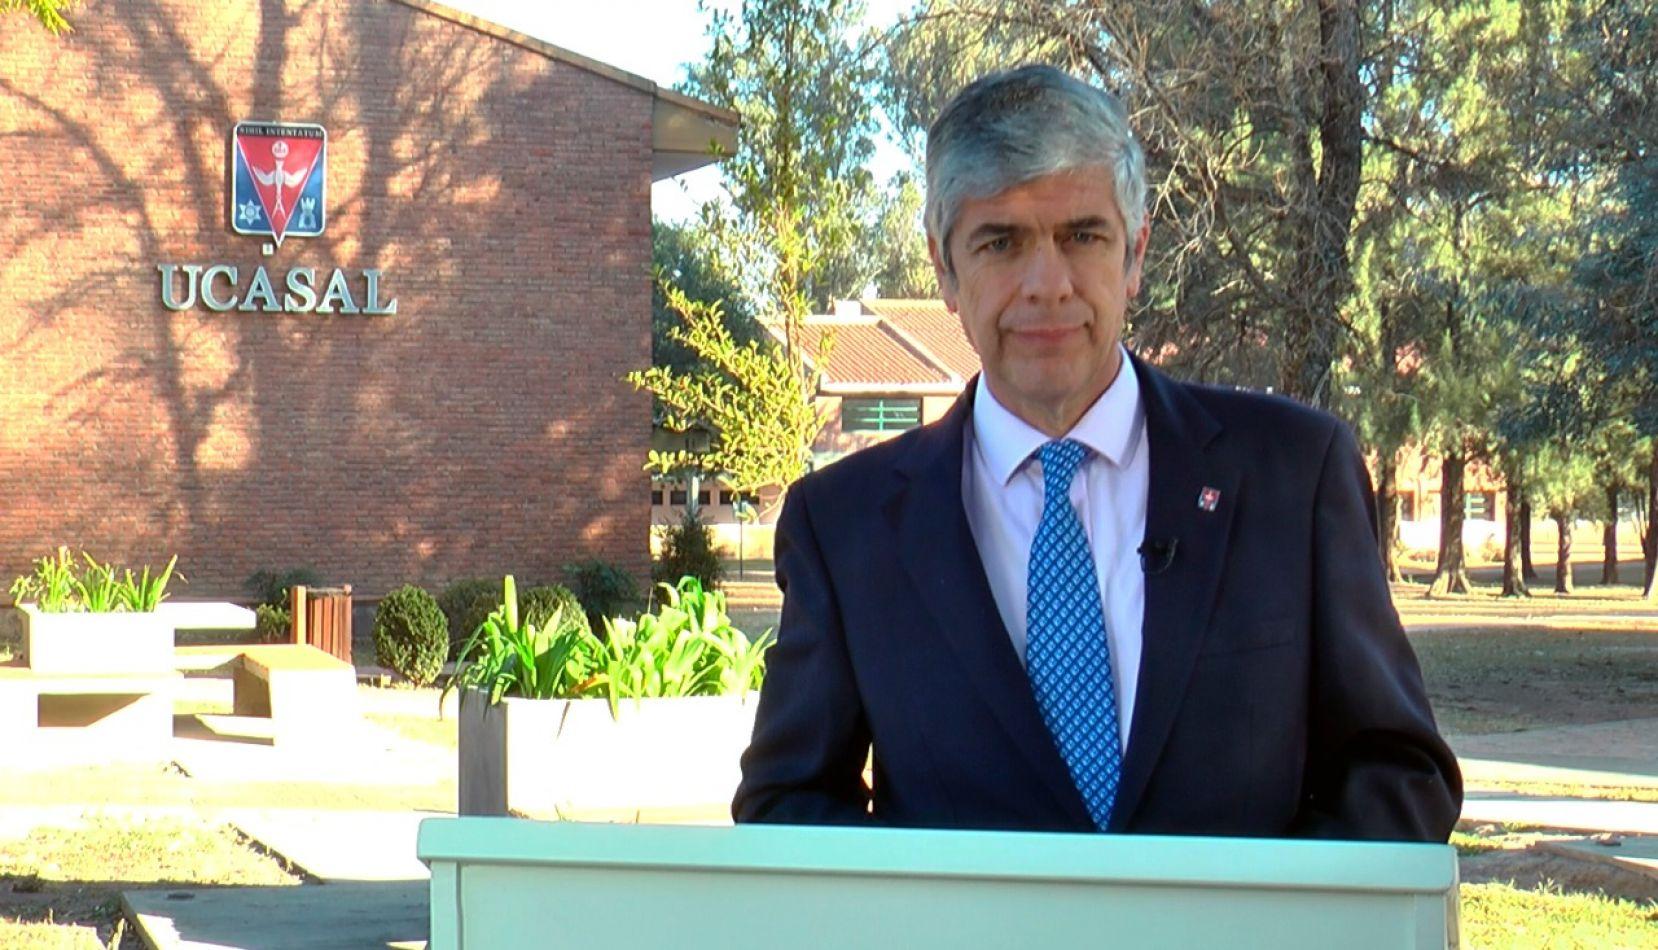 Rodolfo Gallo Cornejo, rector de UCASAL